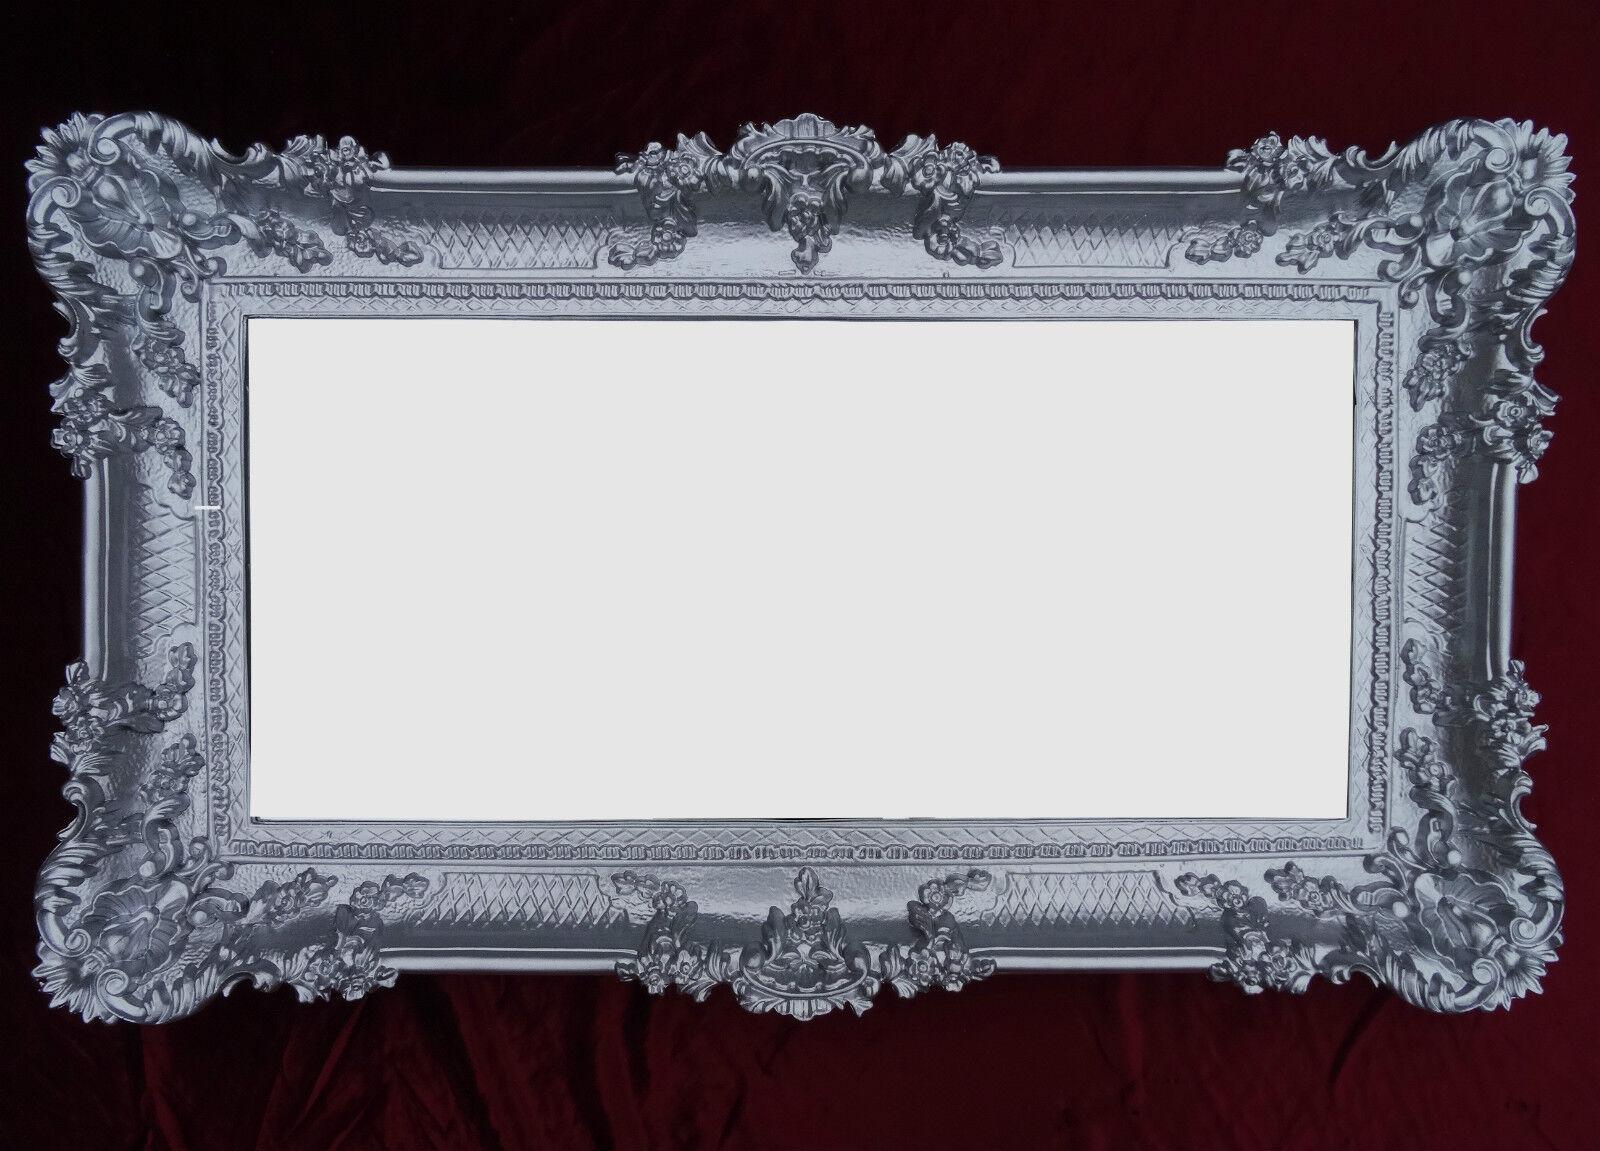 Barocco specchio da muro argento 96x57 antico rococo lussuoso bagno decorazione ebay - Specchio barocco argento ...